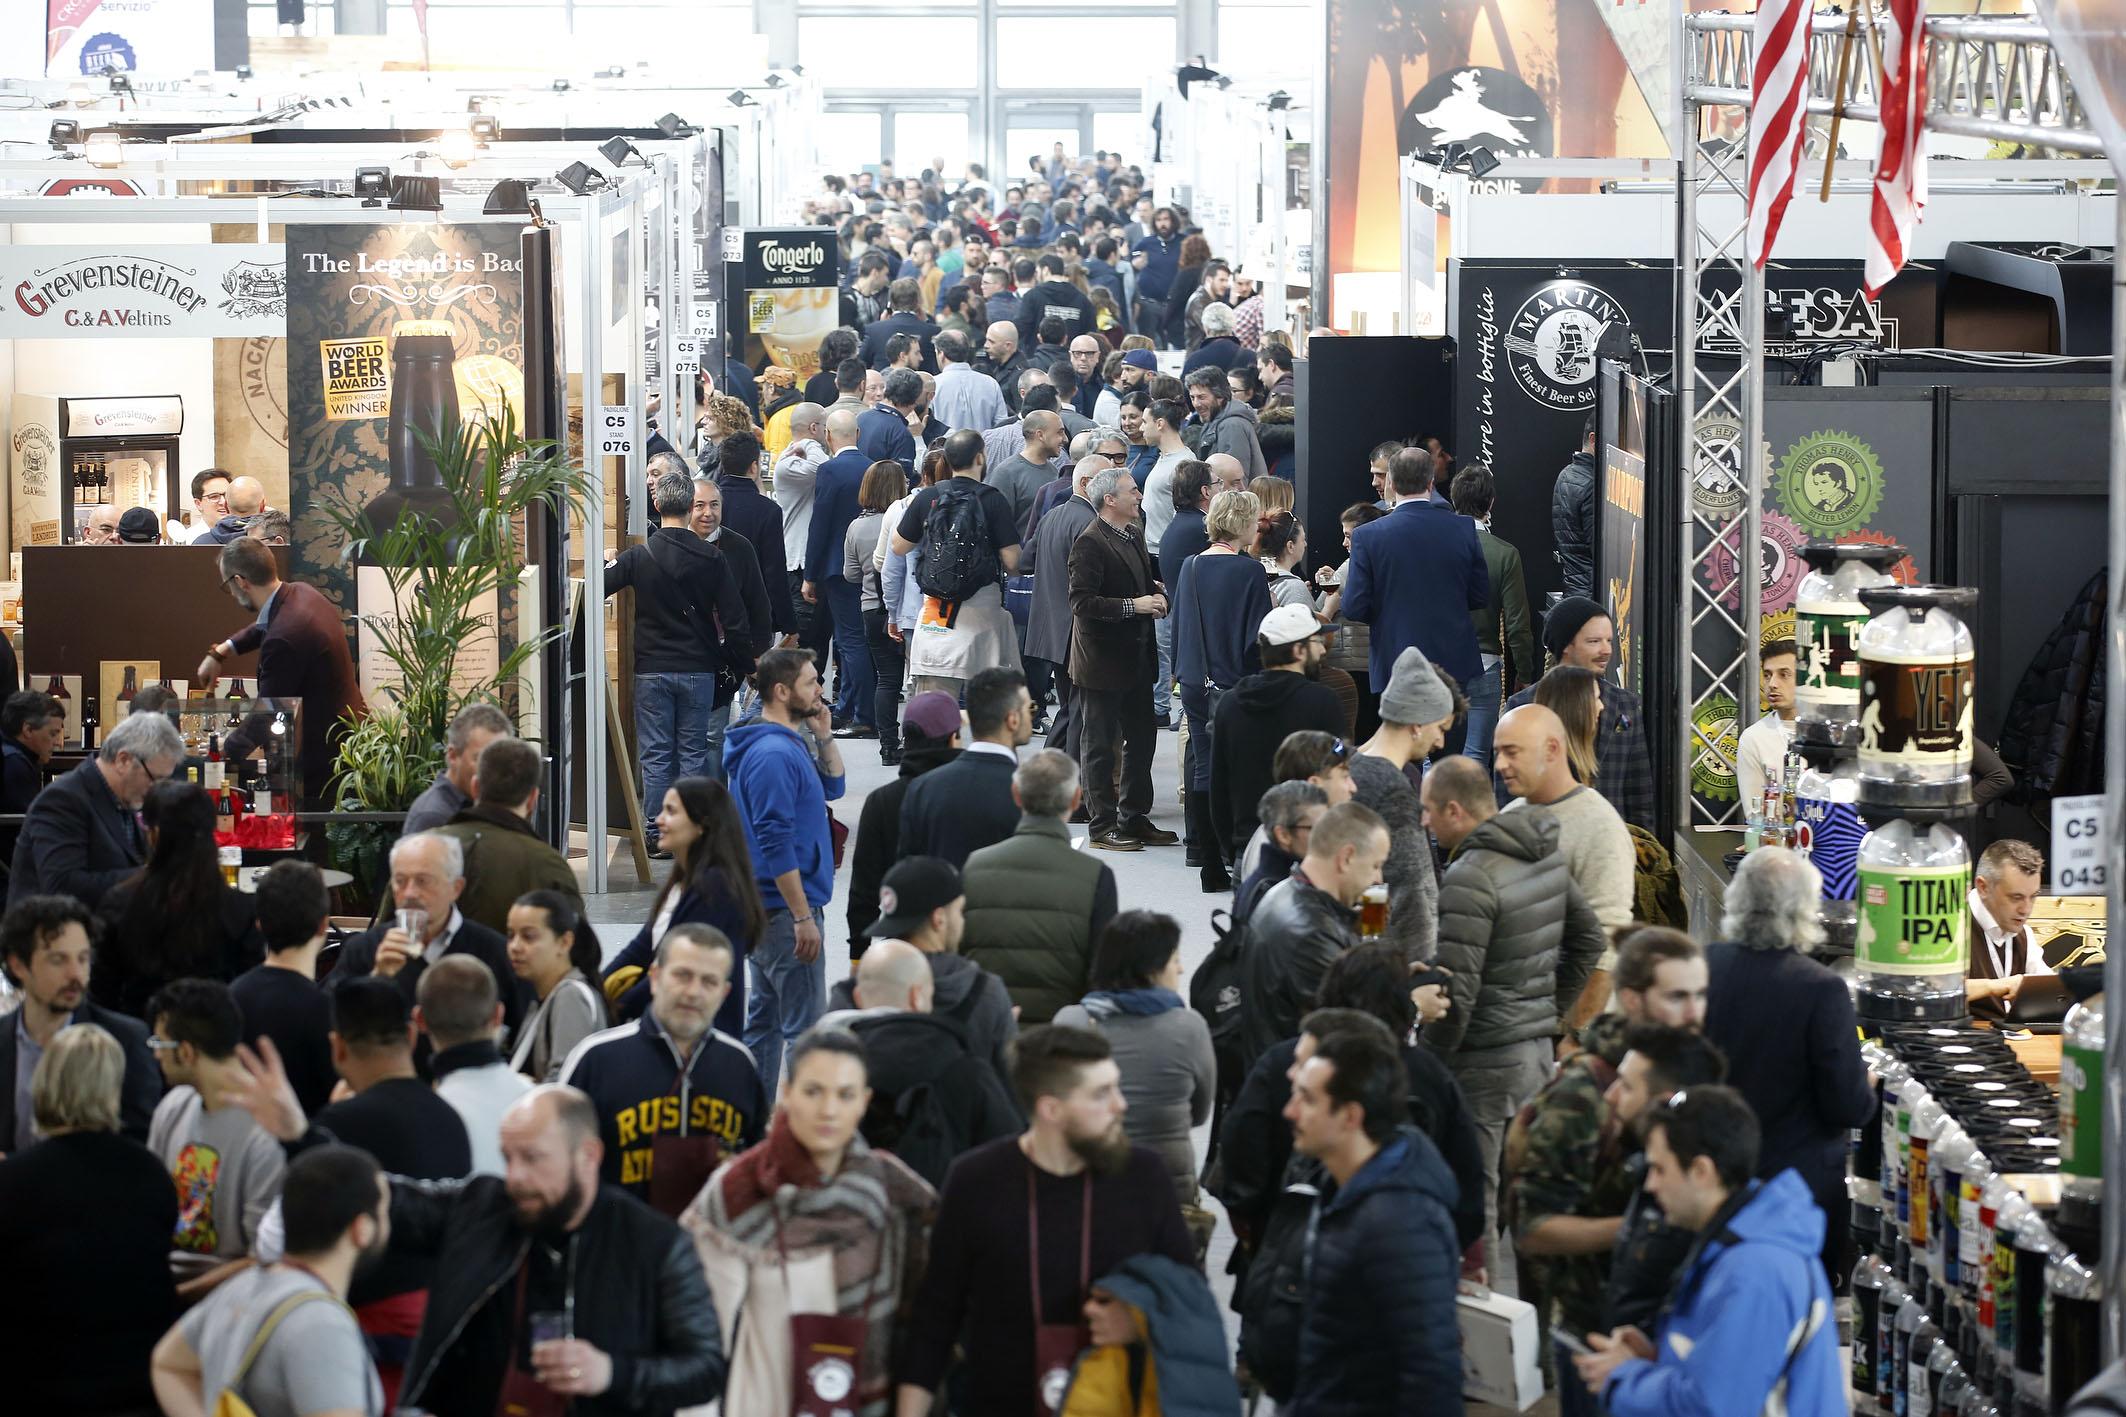 La domenica di Beer Attraction 2019: tante birre, ma anche molta cultura!